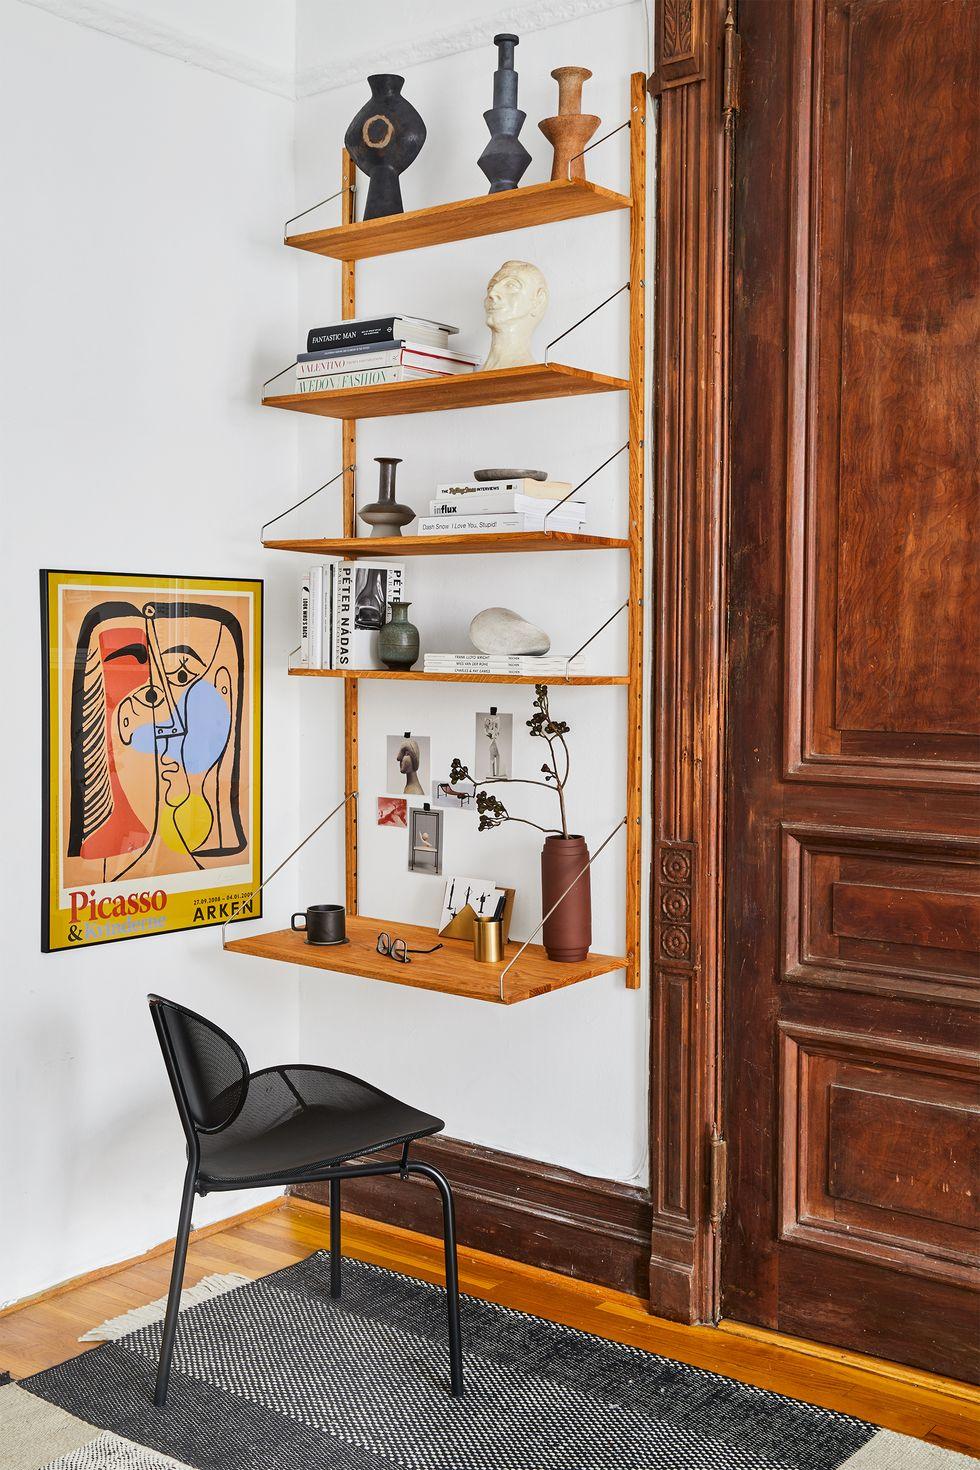 Bằng cách lắp đặt một bộ giá đỡ trên tường ở một góc không sử dụng trong căn hộ của mình, Tariq Dixon , người đồng sáng lập thương hiệu nội thất TRNK, đã biến một không gian nhỏ bé thành nơi nghỉ dưỡng của một nhà văn.